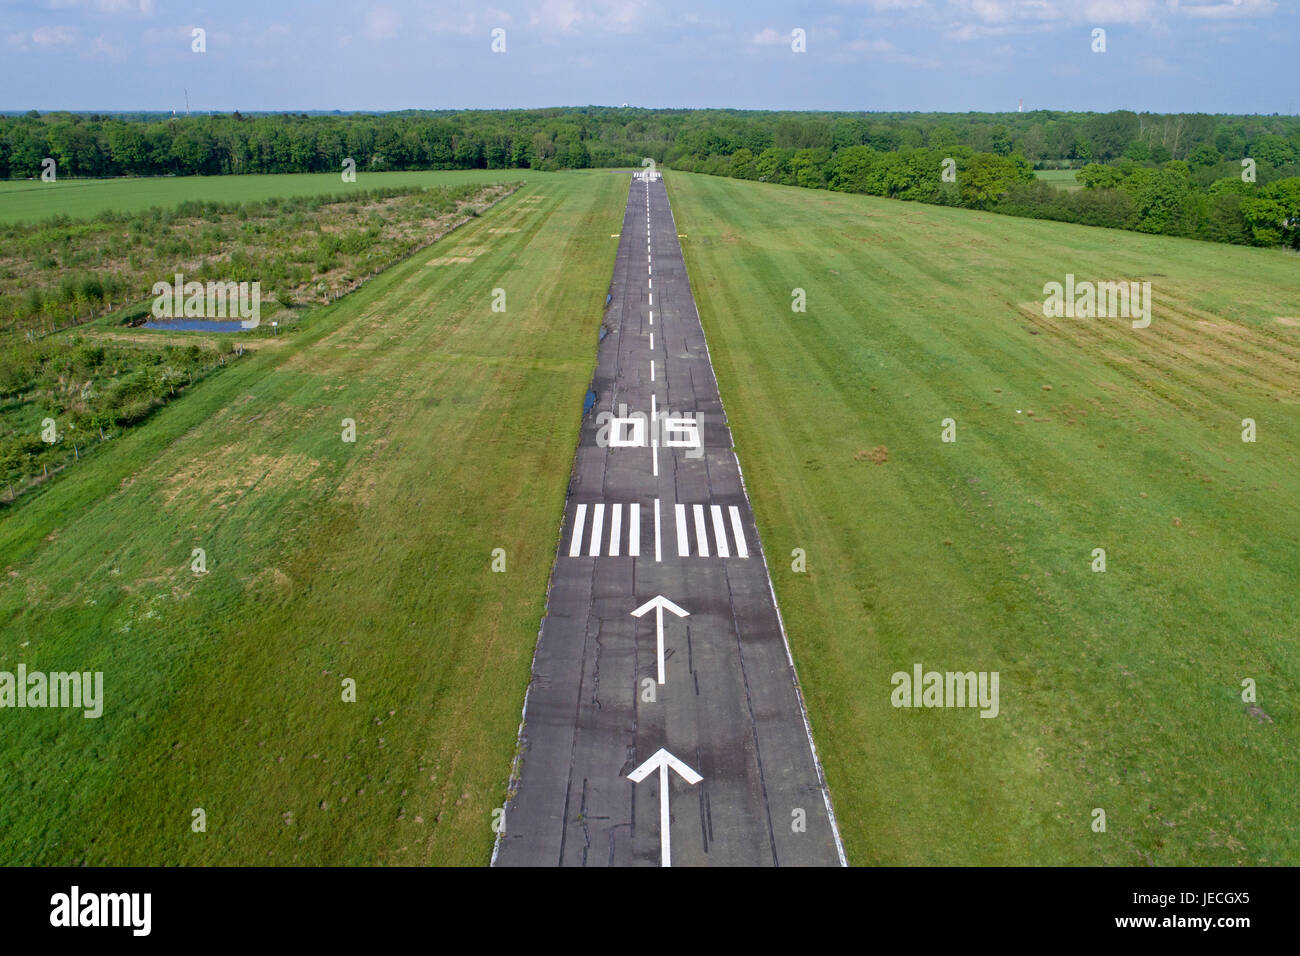 Tornesch airfield, Schleswig-Holstein, Germany - Stock Image